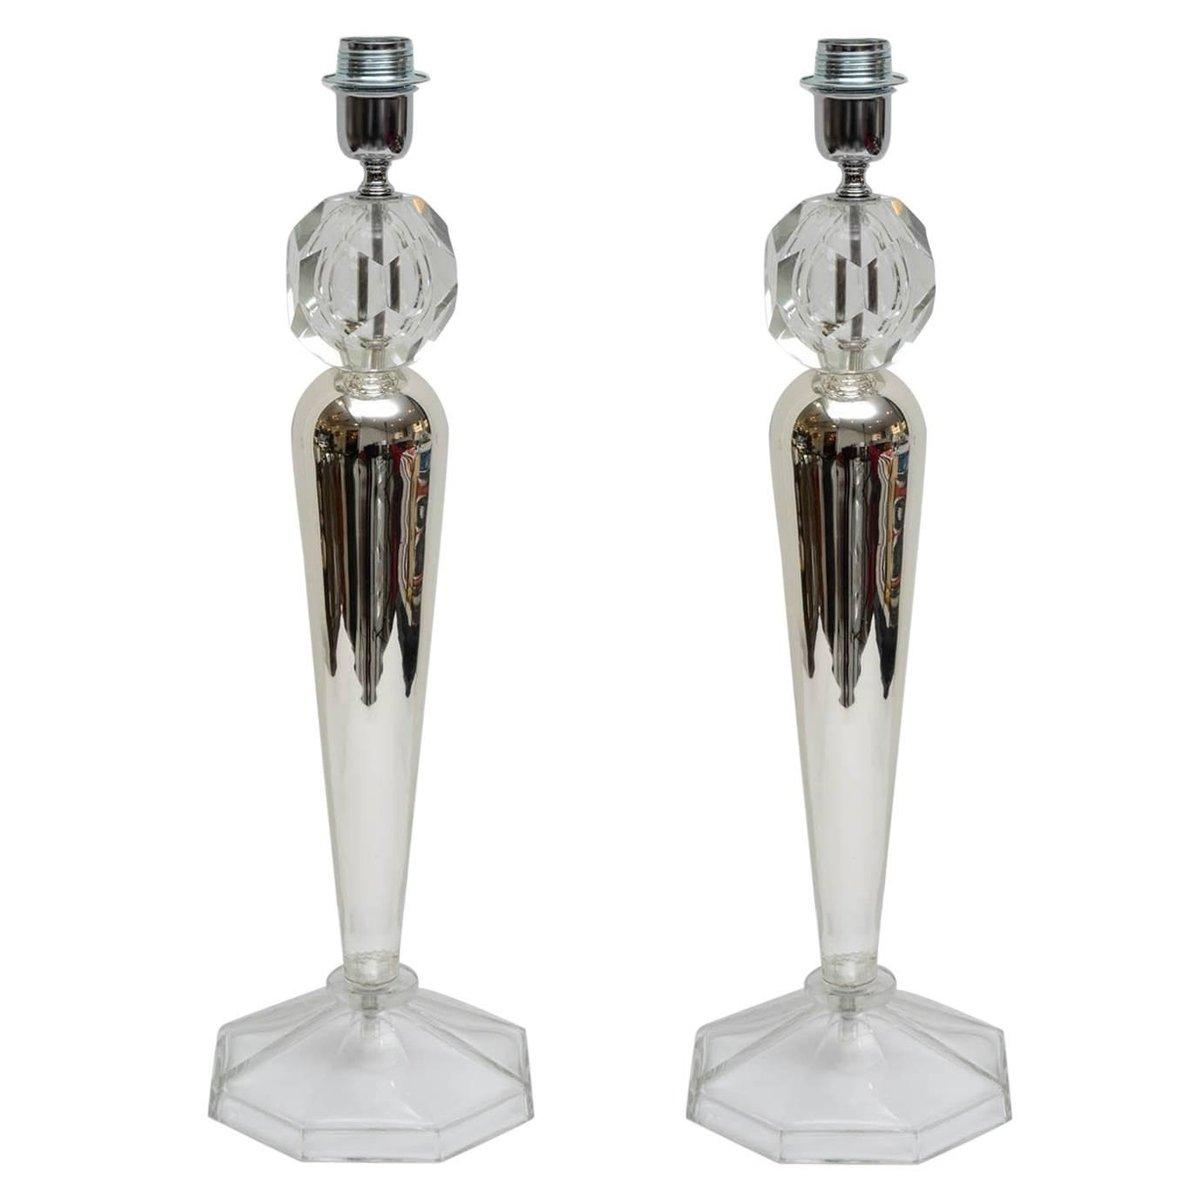 Italienische Vintage Tischlampen aus Kristallglas, 2er Set